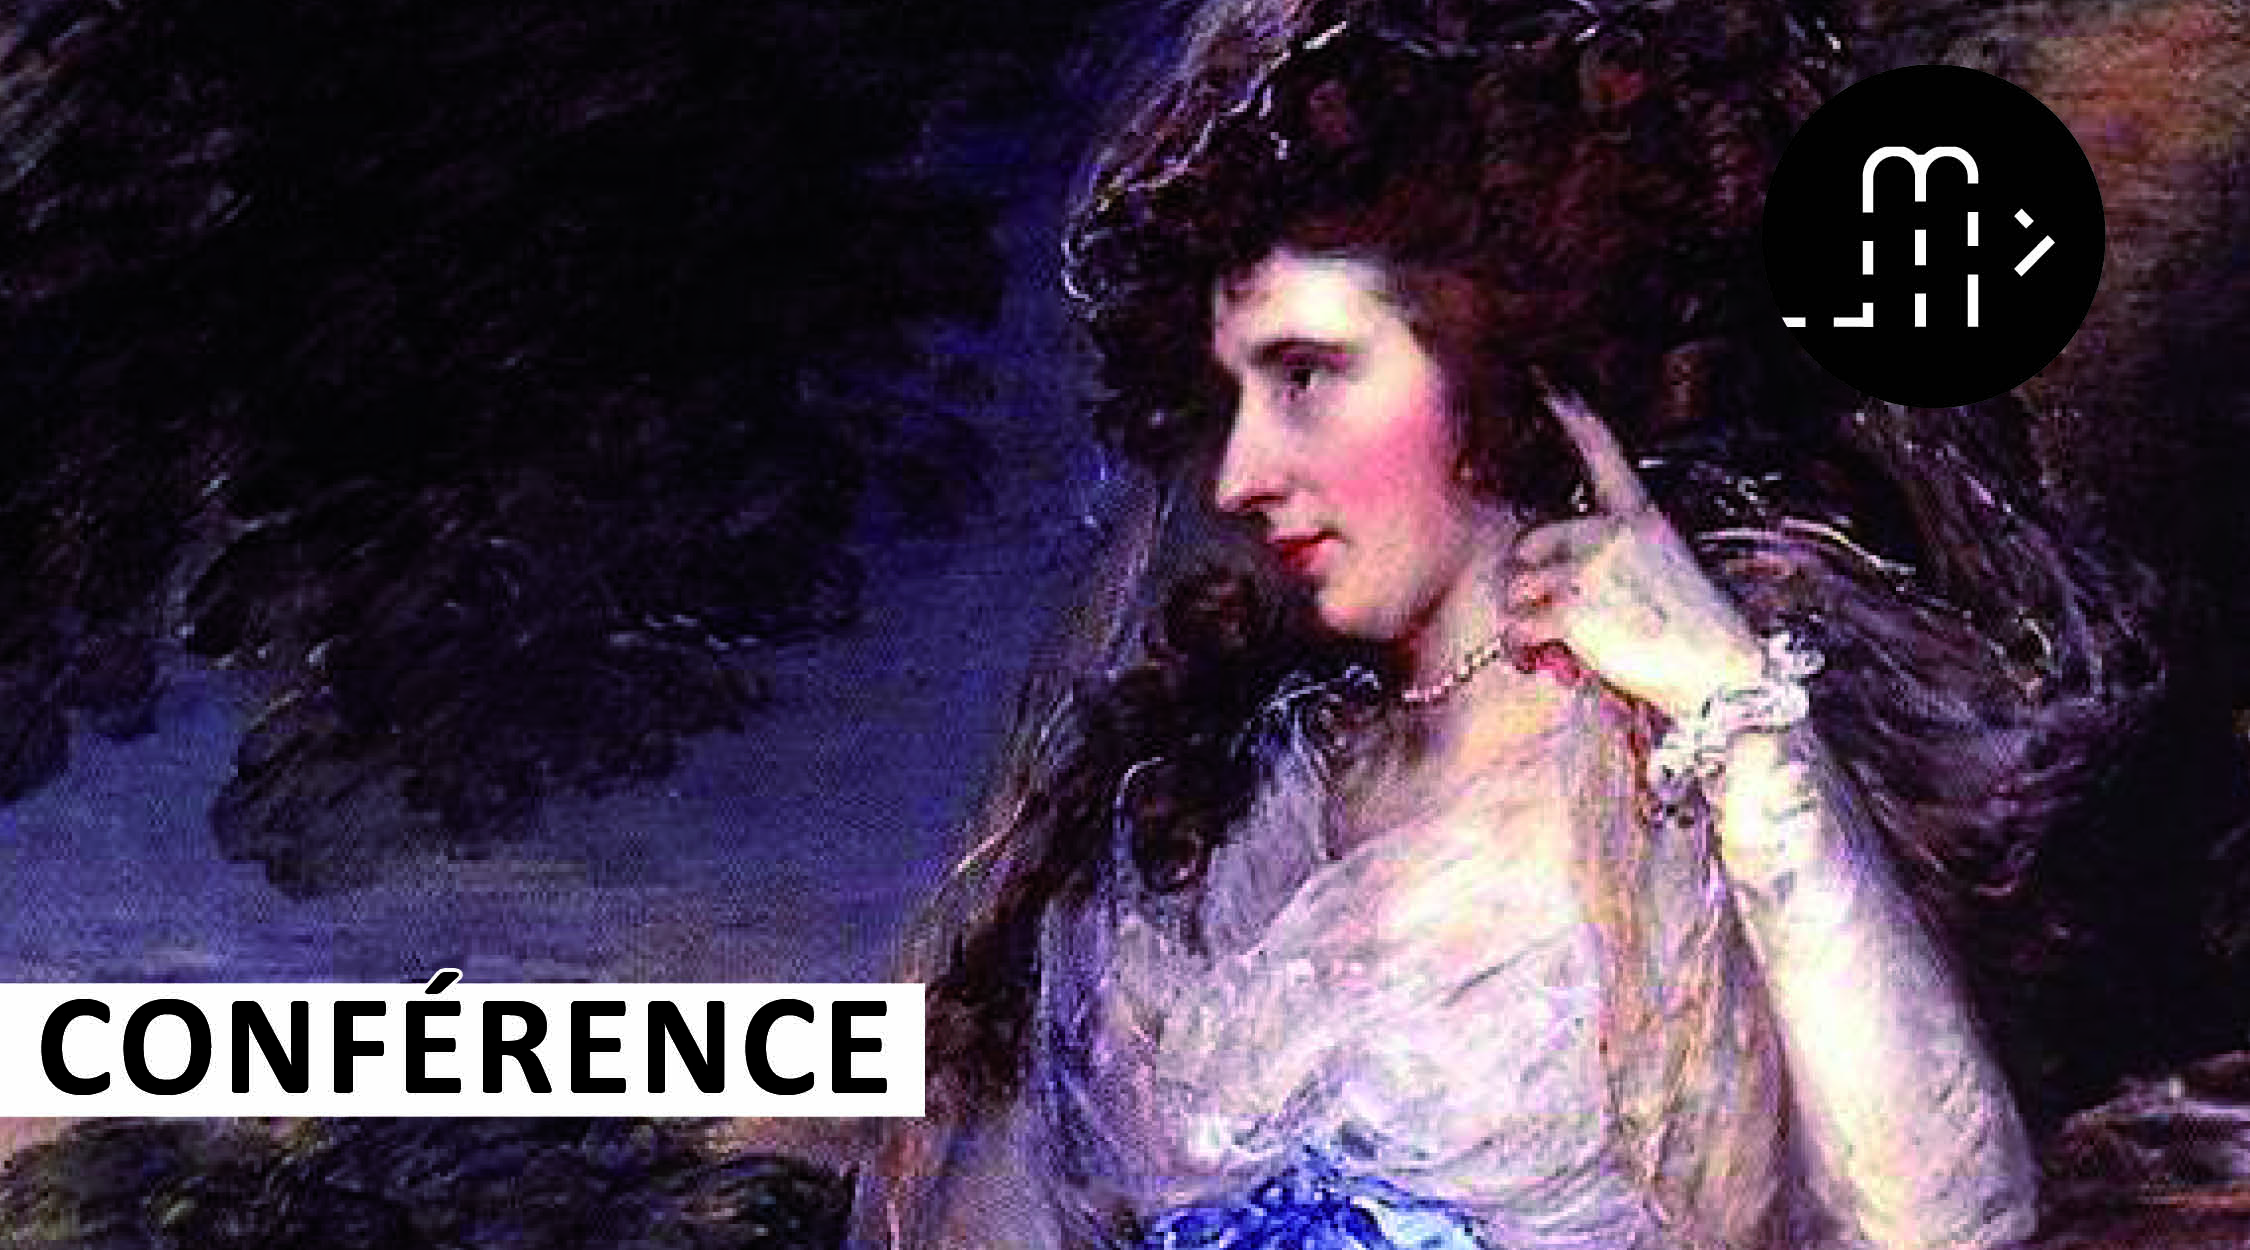 Suivez le guide : l'âge d'or de la peinture anglaise, de Reynolds à Turner